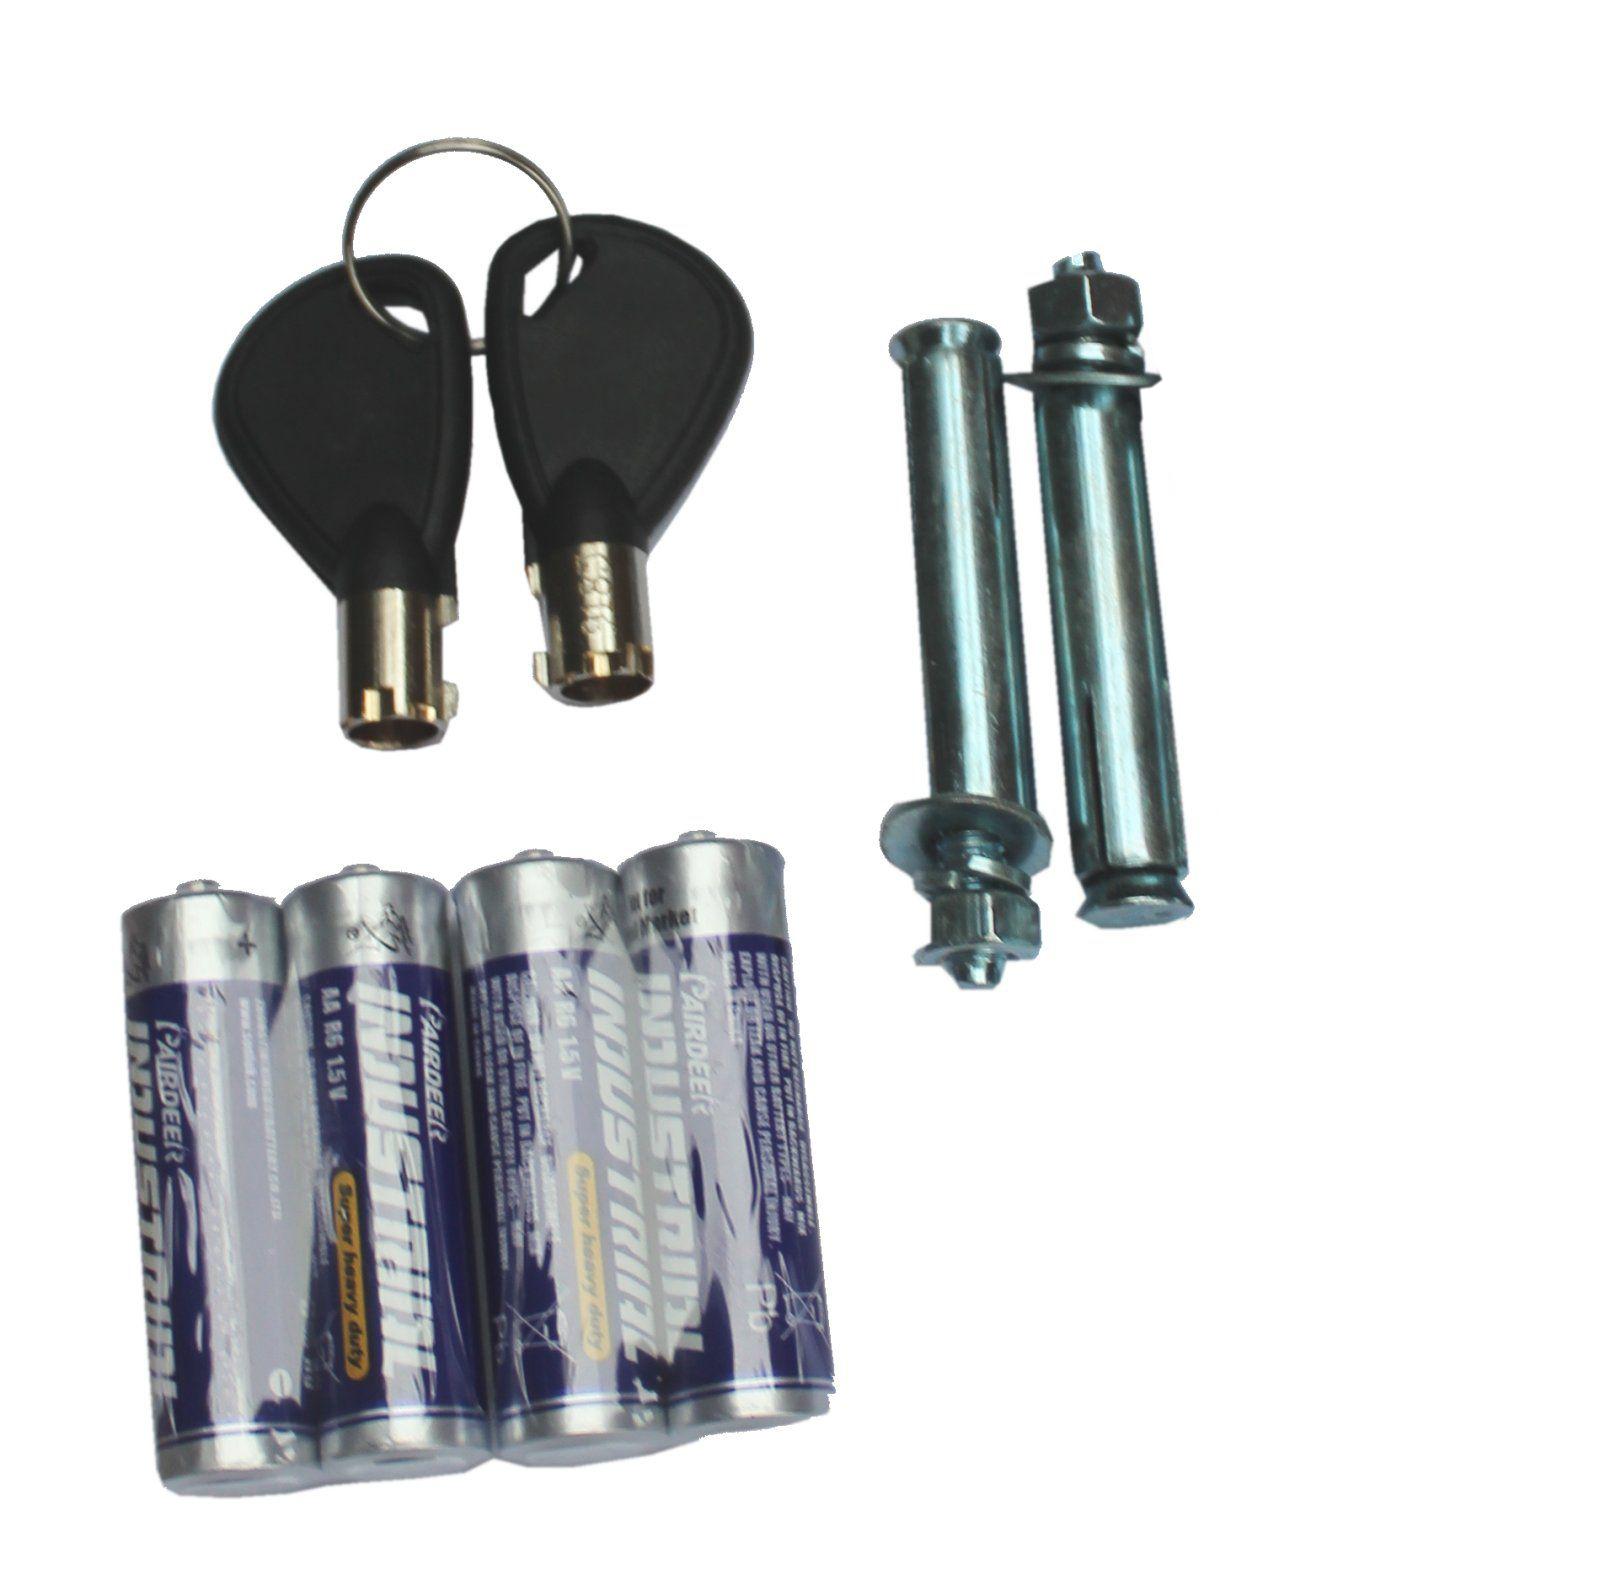 m beltresor digital schl ssel 310x200x200 mm safe tresor wandtresor wandsafe ebay. Black Bedroom Furniture Sets. Home Design Ideas